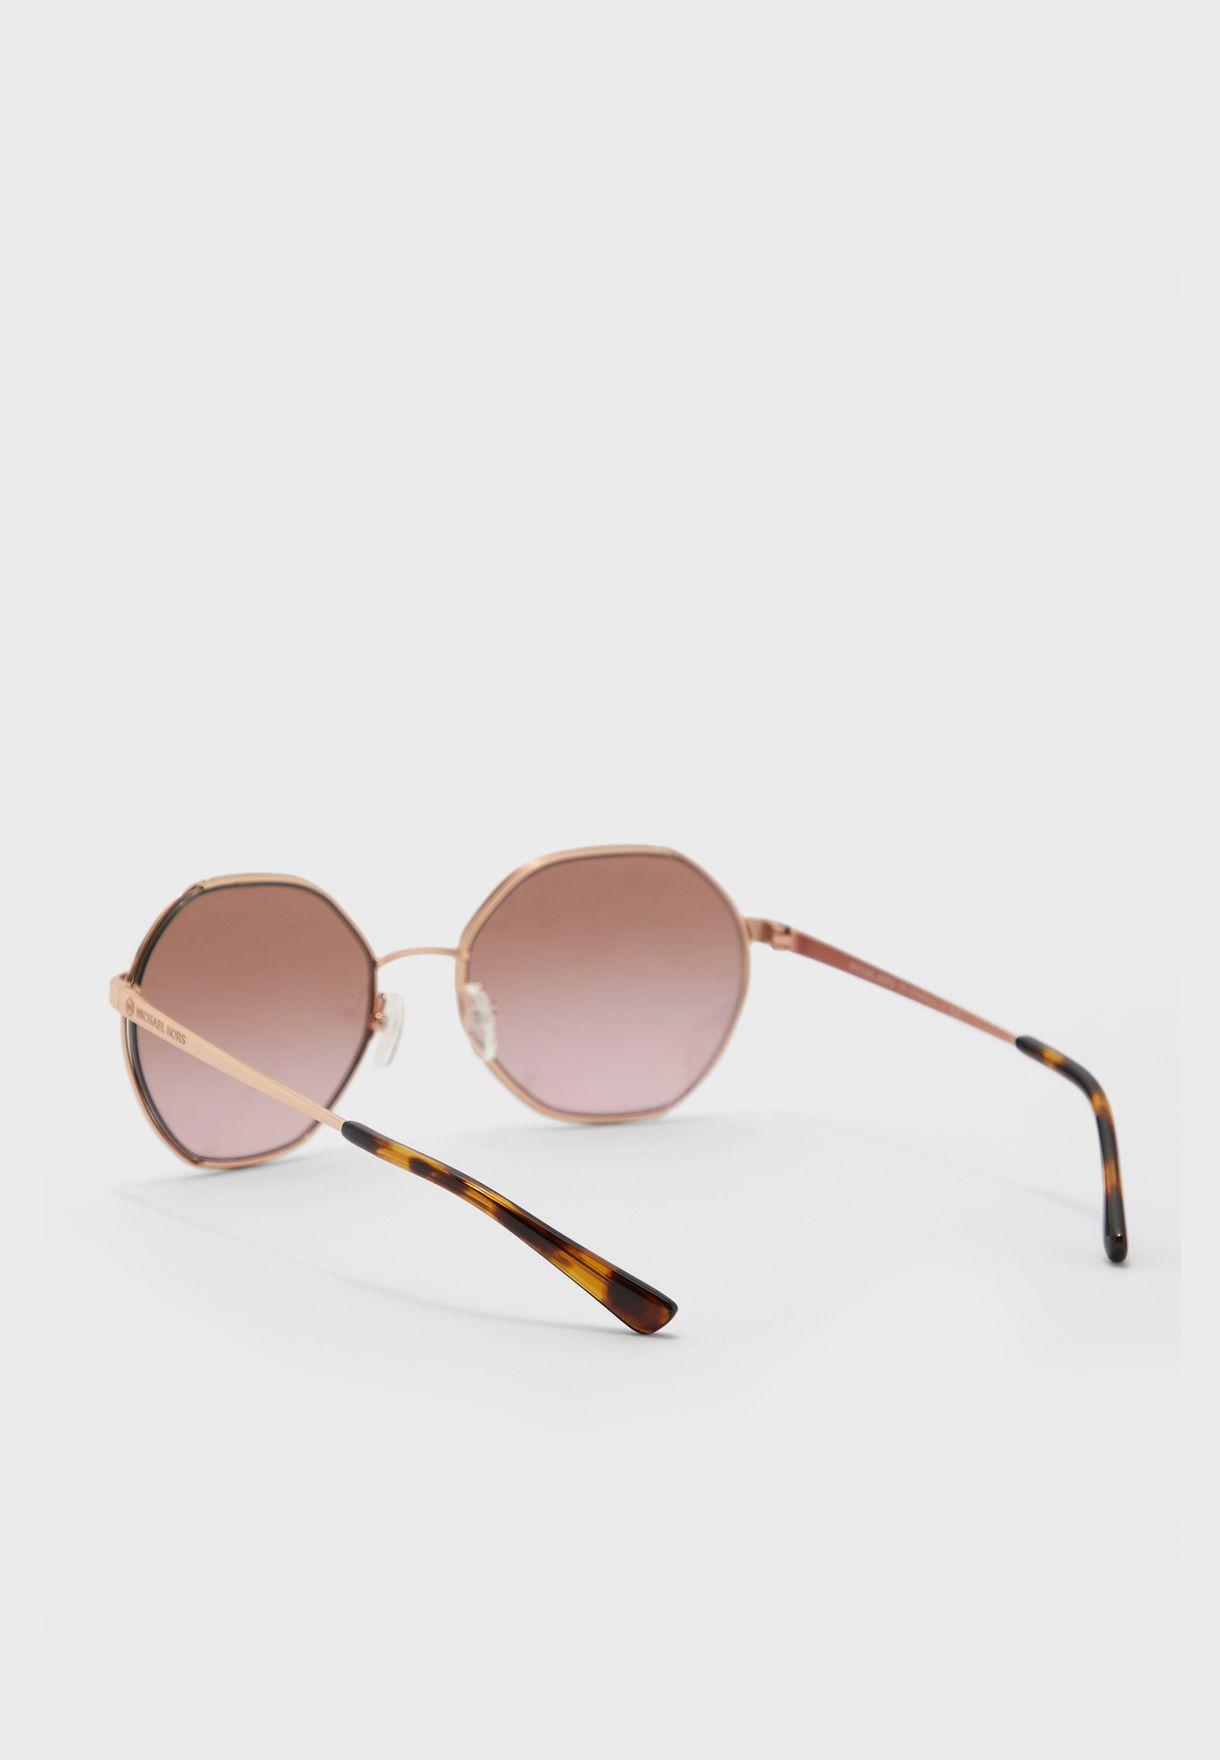 0MK1072 Hexagonal Sunglasses